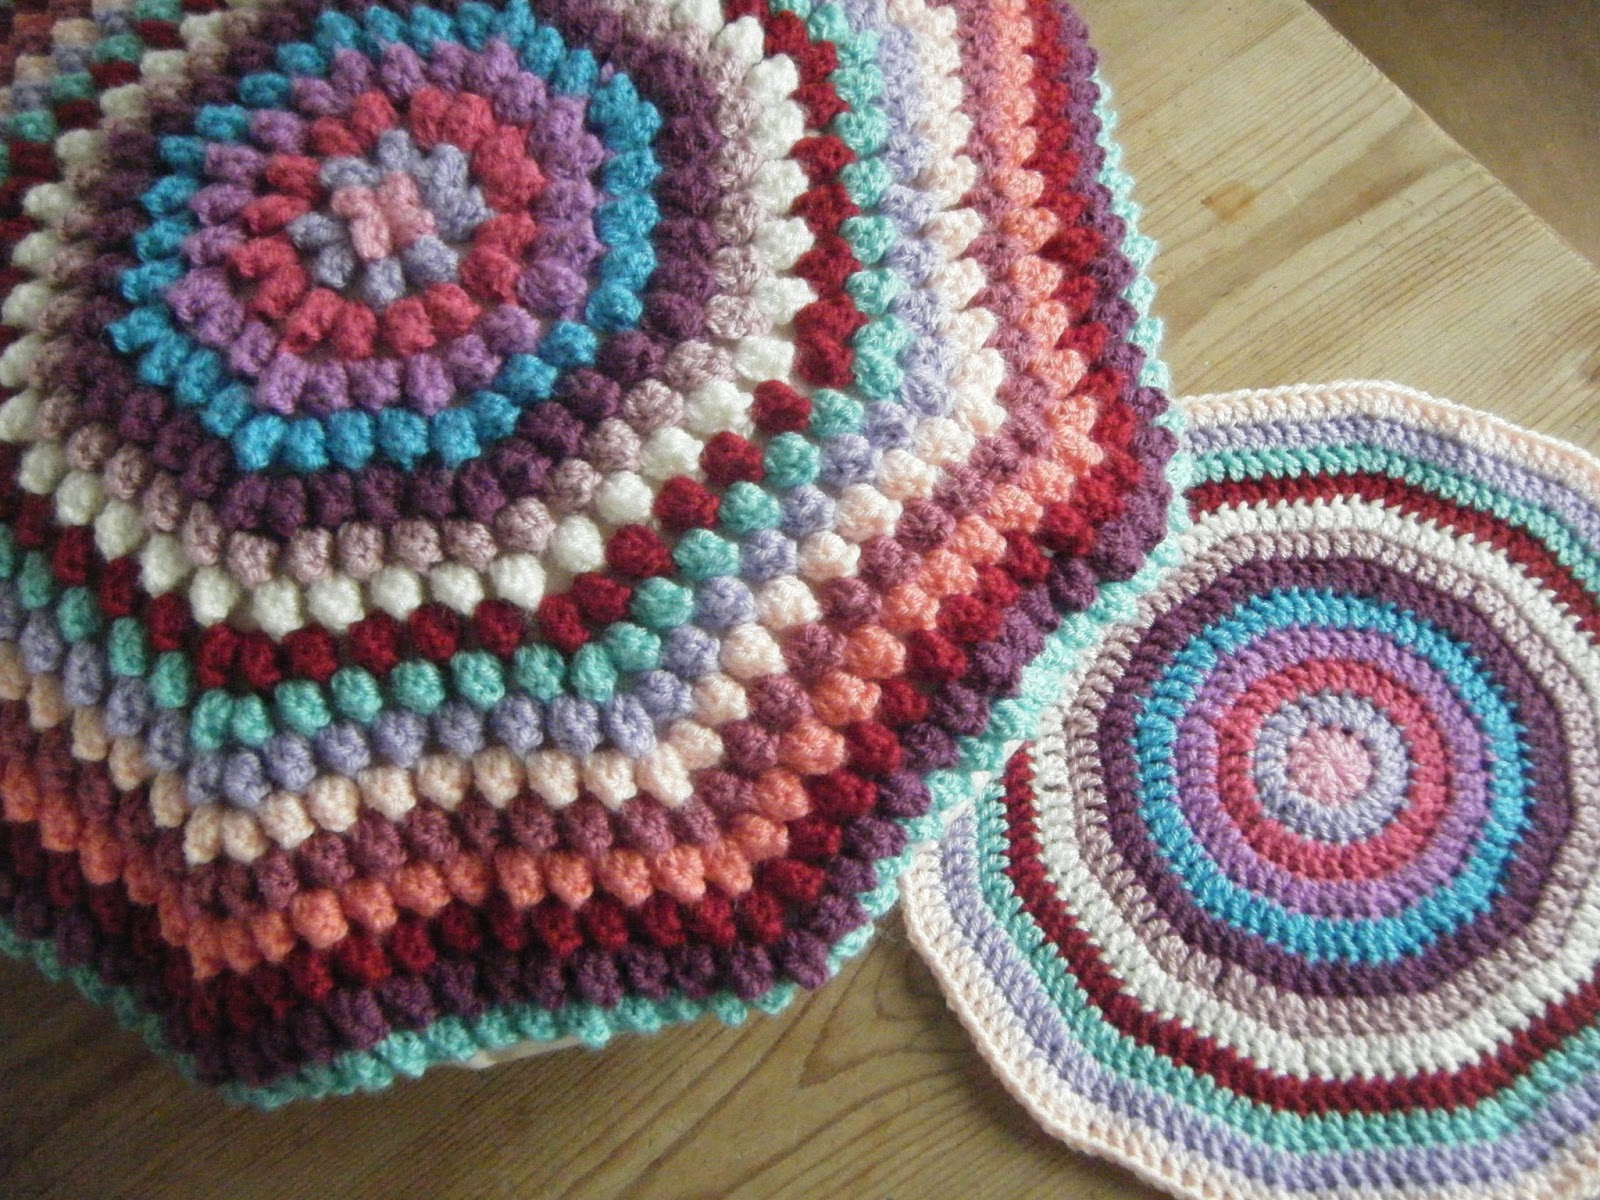 Amigurumi Bobble Stitch : Betsy Makes ....: Crochet Bobble Cushion